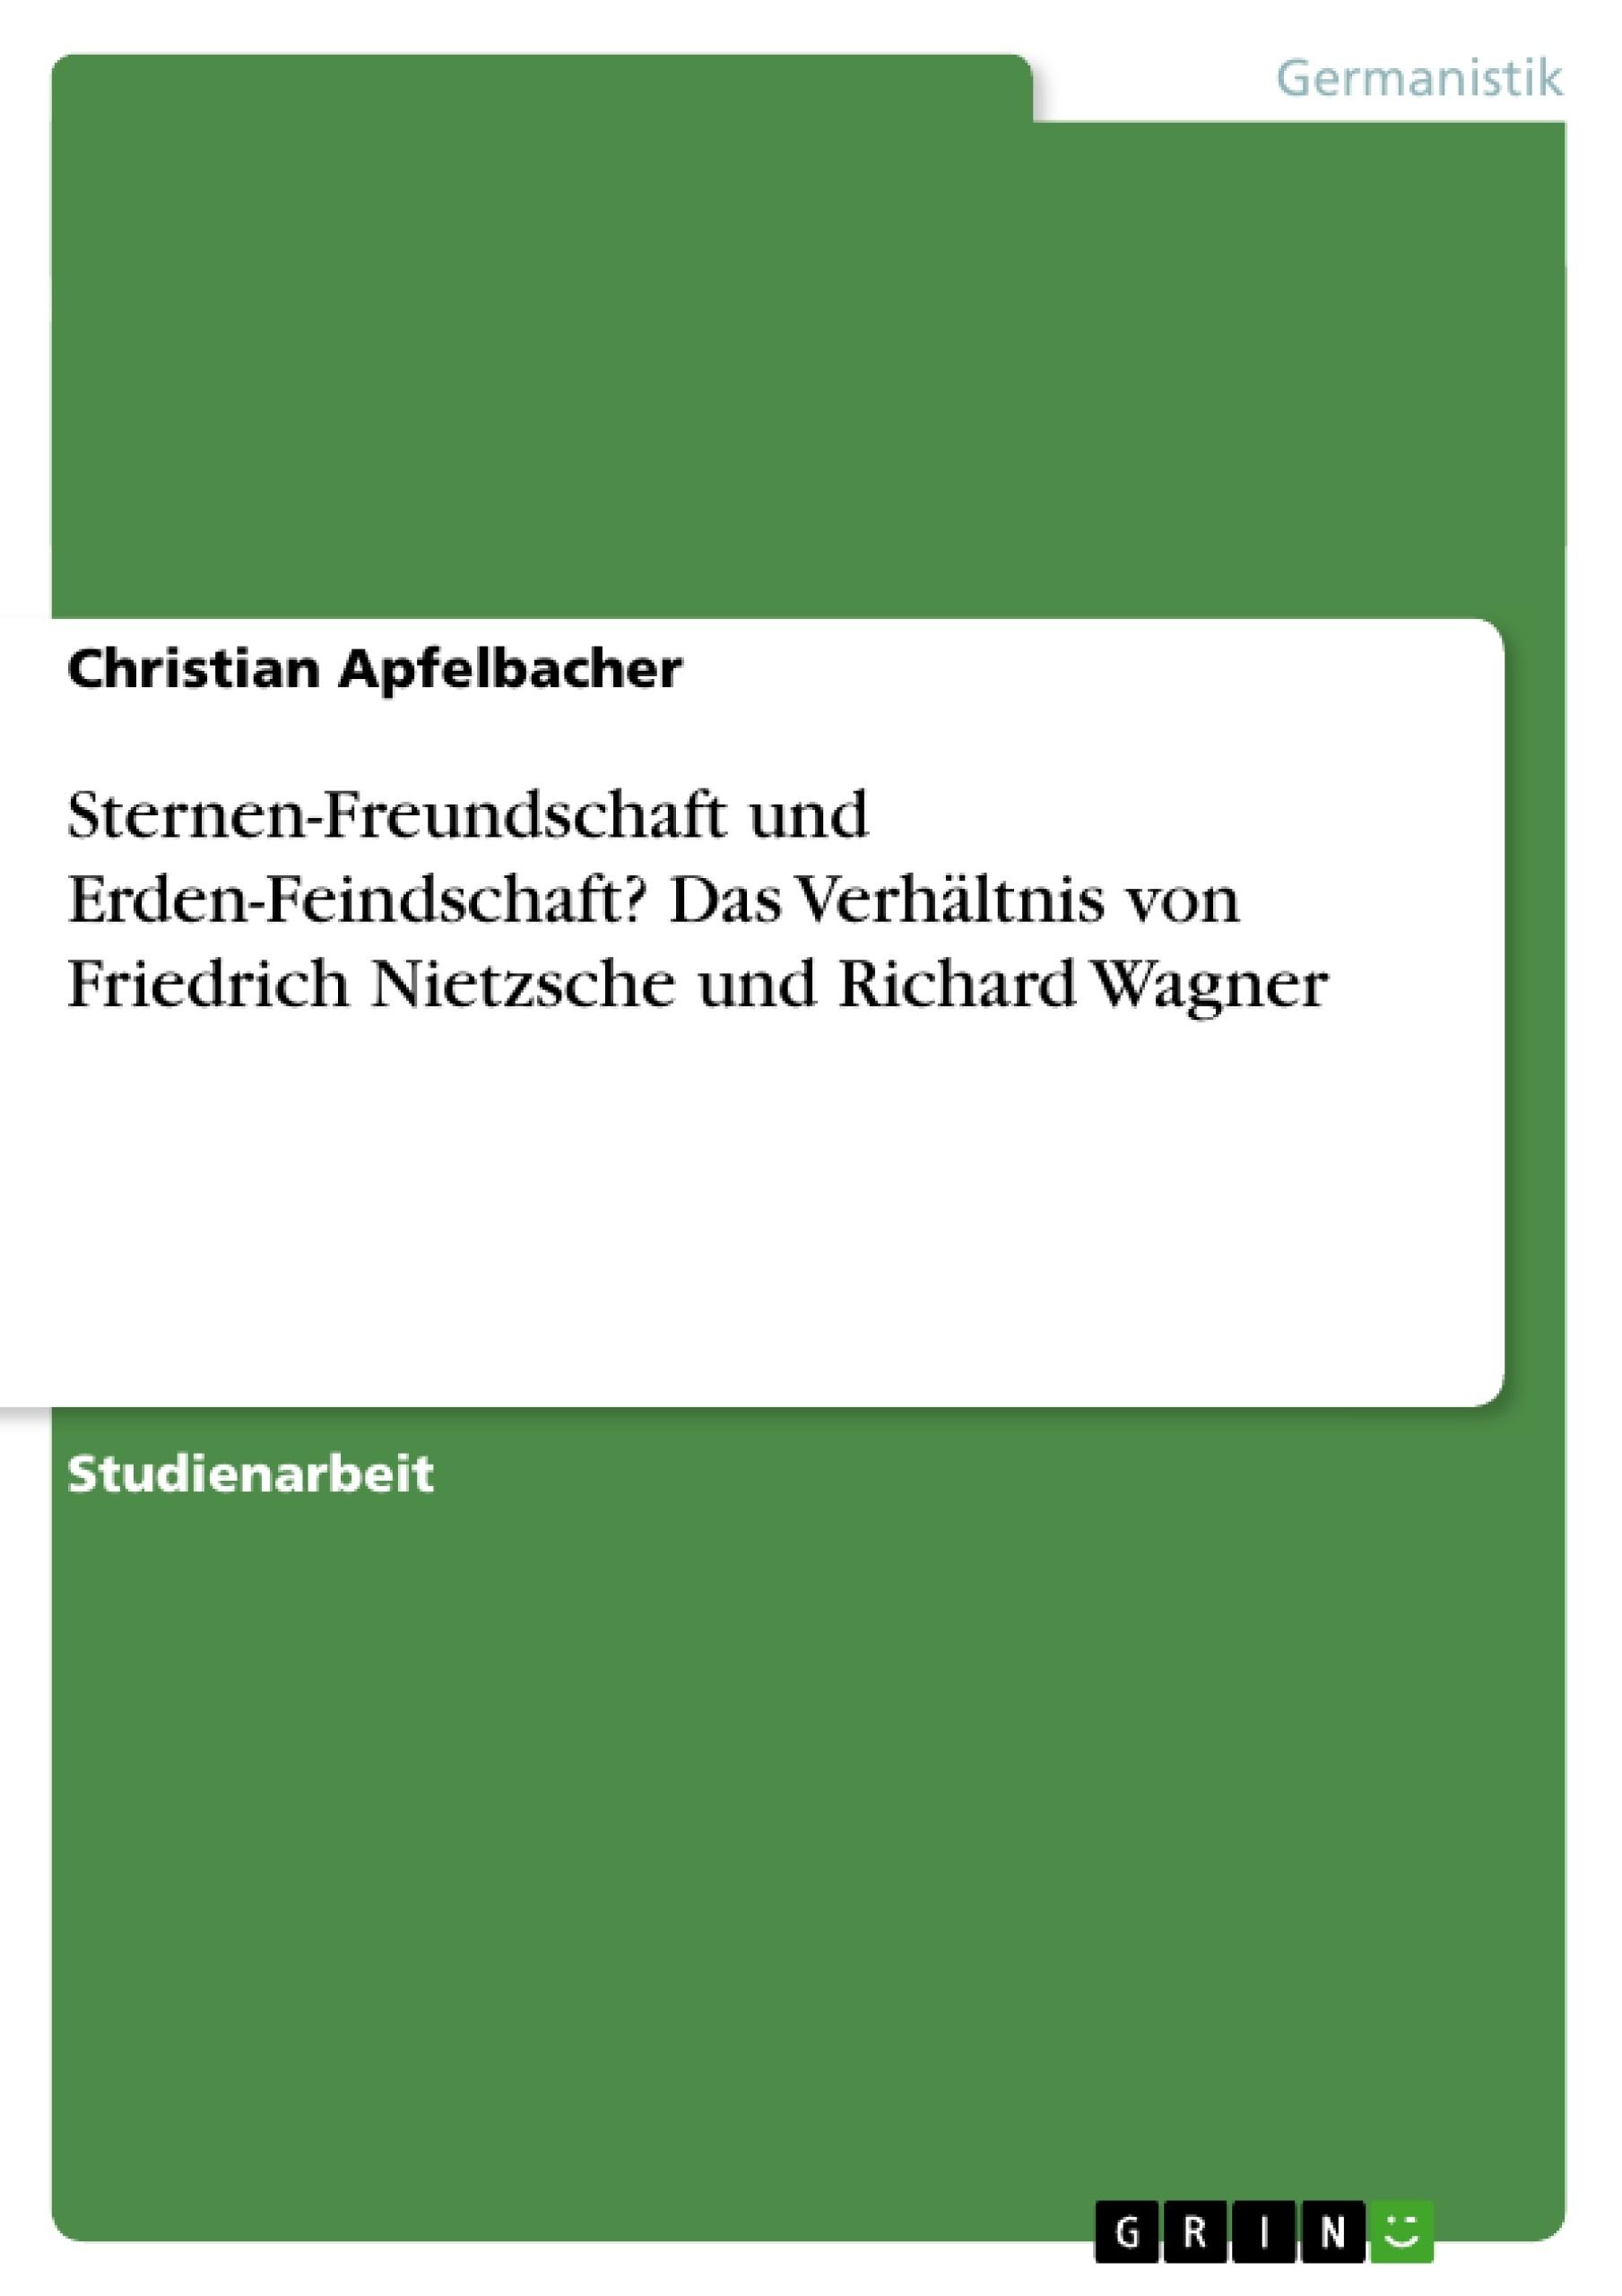 Titel: Sternen-Freundschaft und Erden-Feindschaft? Das Verhältnis von Friedrich Nietzsche und Richard Wagner